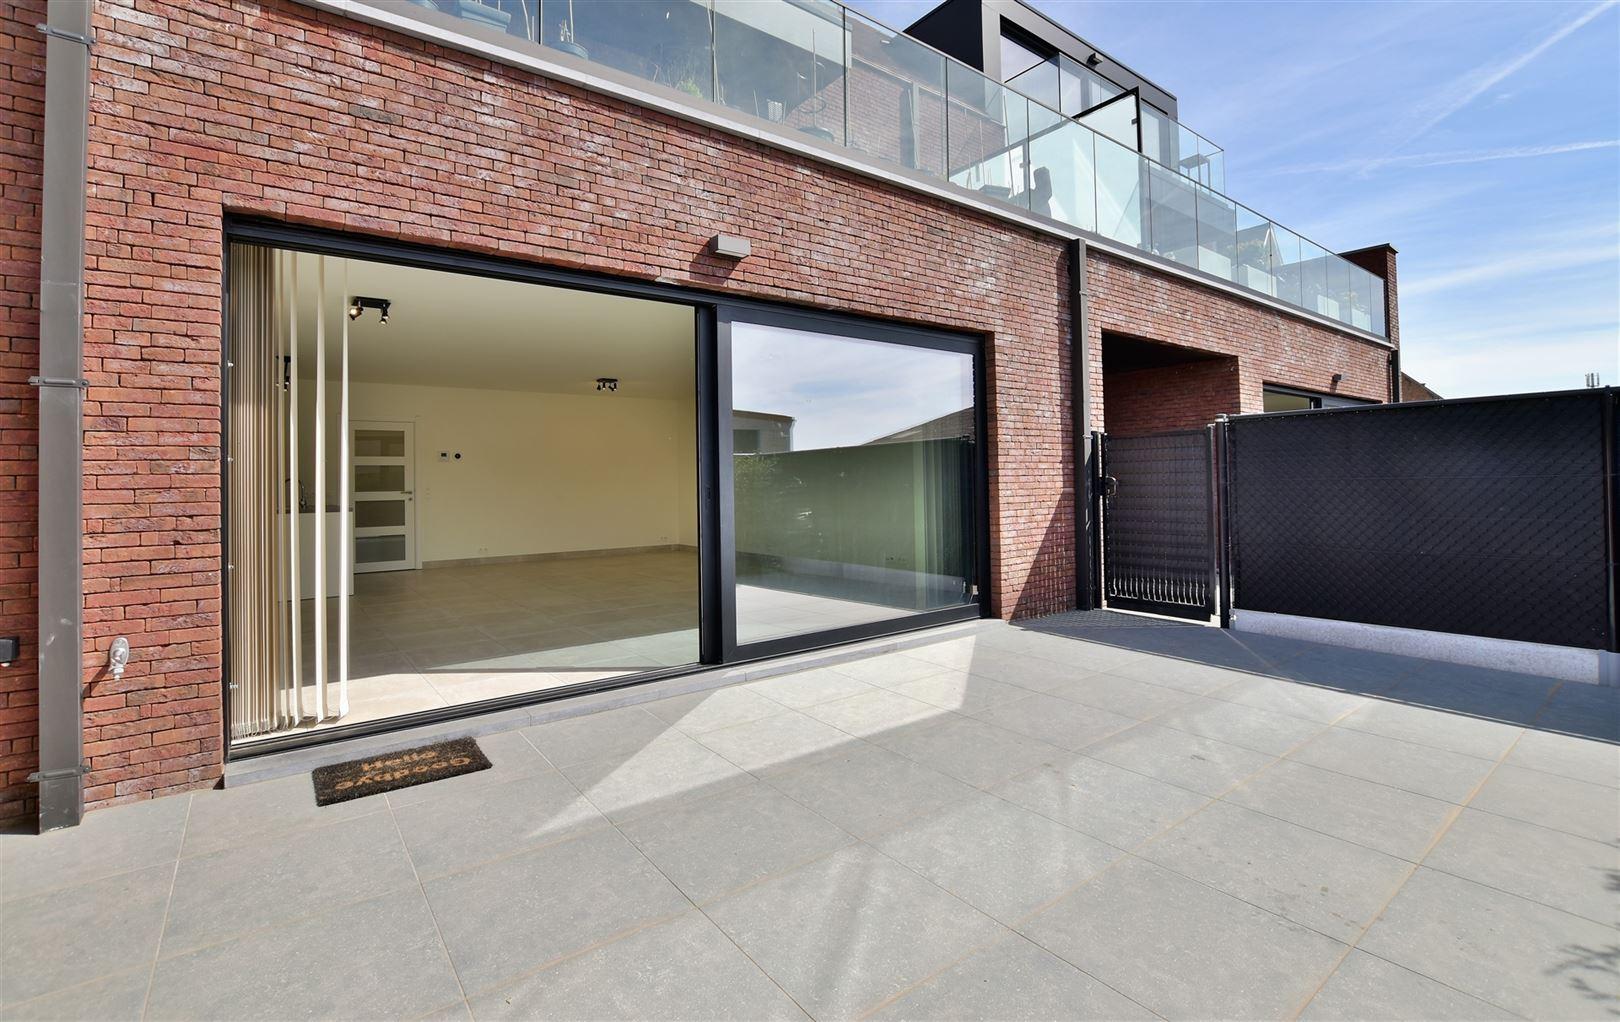 Foto 4 : Appartement te 9200 OUDEGEM (België) - Prijs € 830